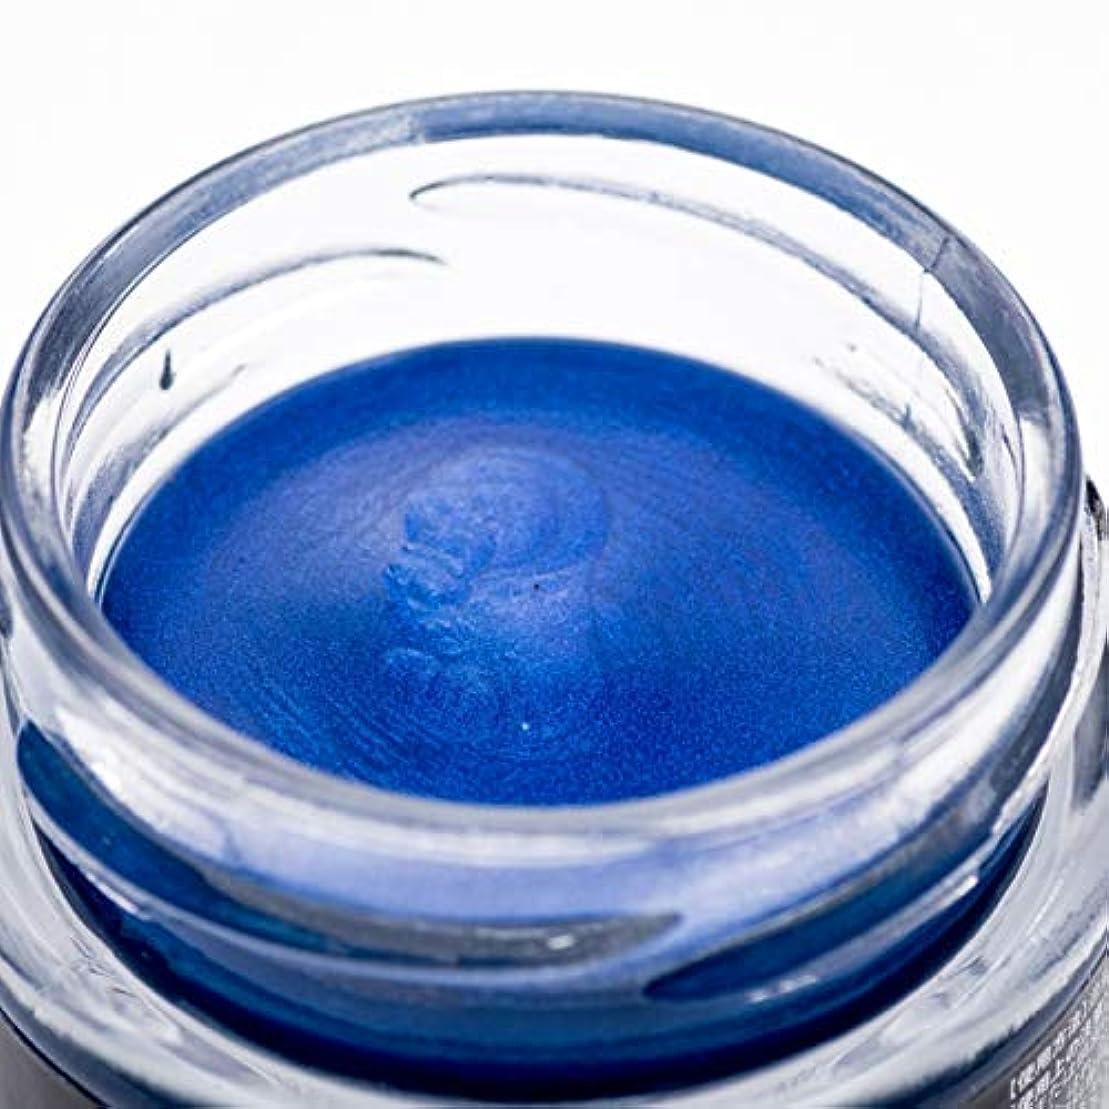 無限大科学者しないでくださいEMAJINY エマジニー カラーワックス Mysterious Blue ブルー M25 36g